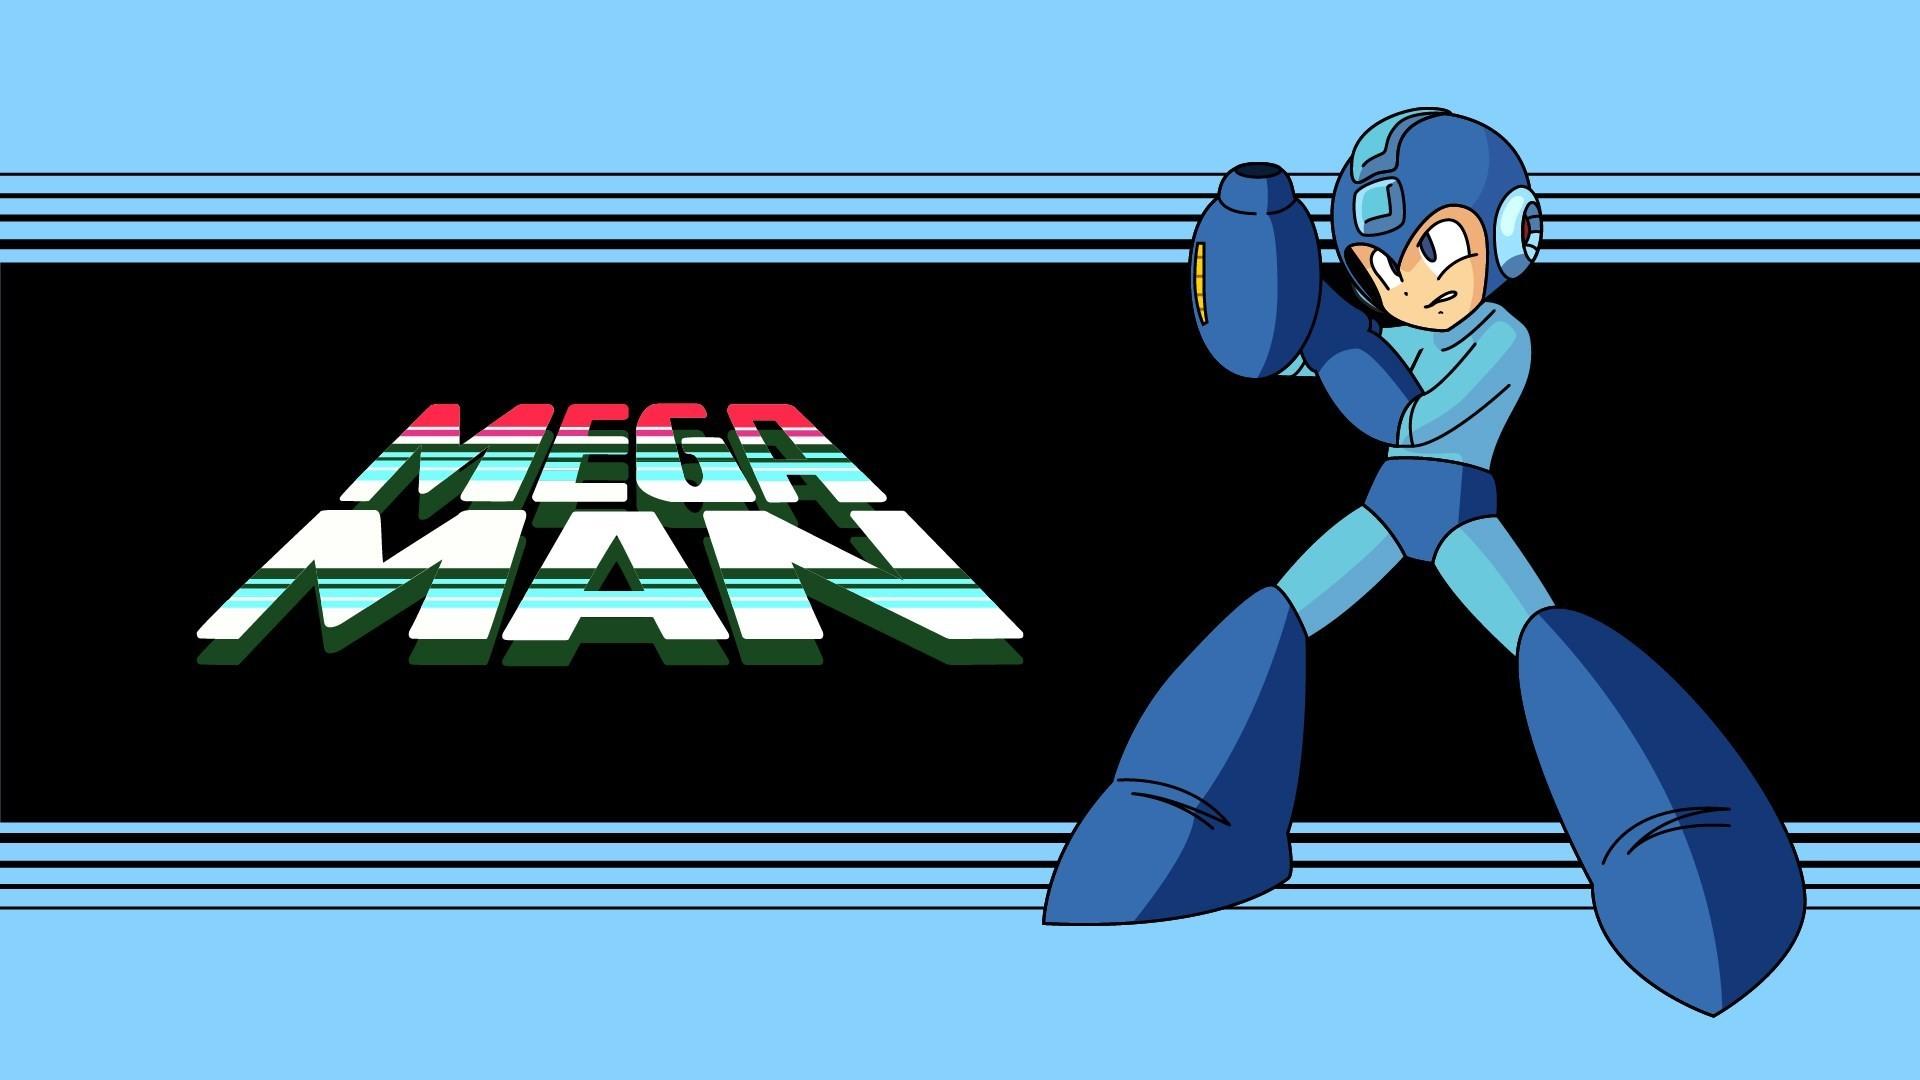 Mega Man Wallpaper Phone (72+ images)